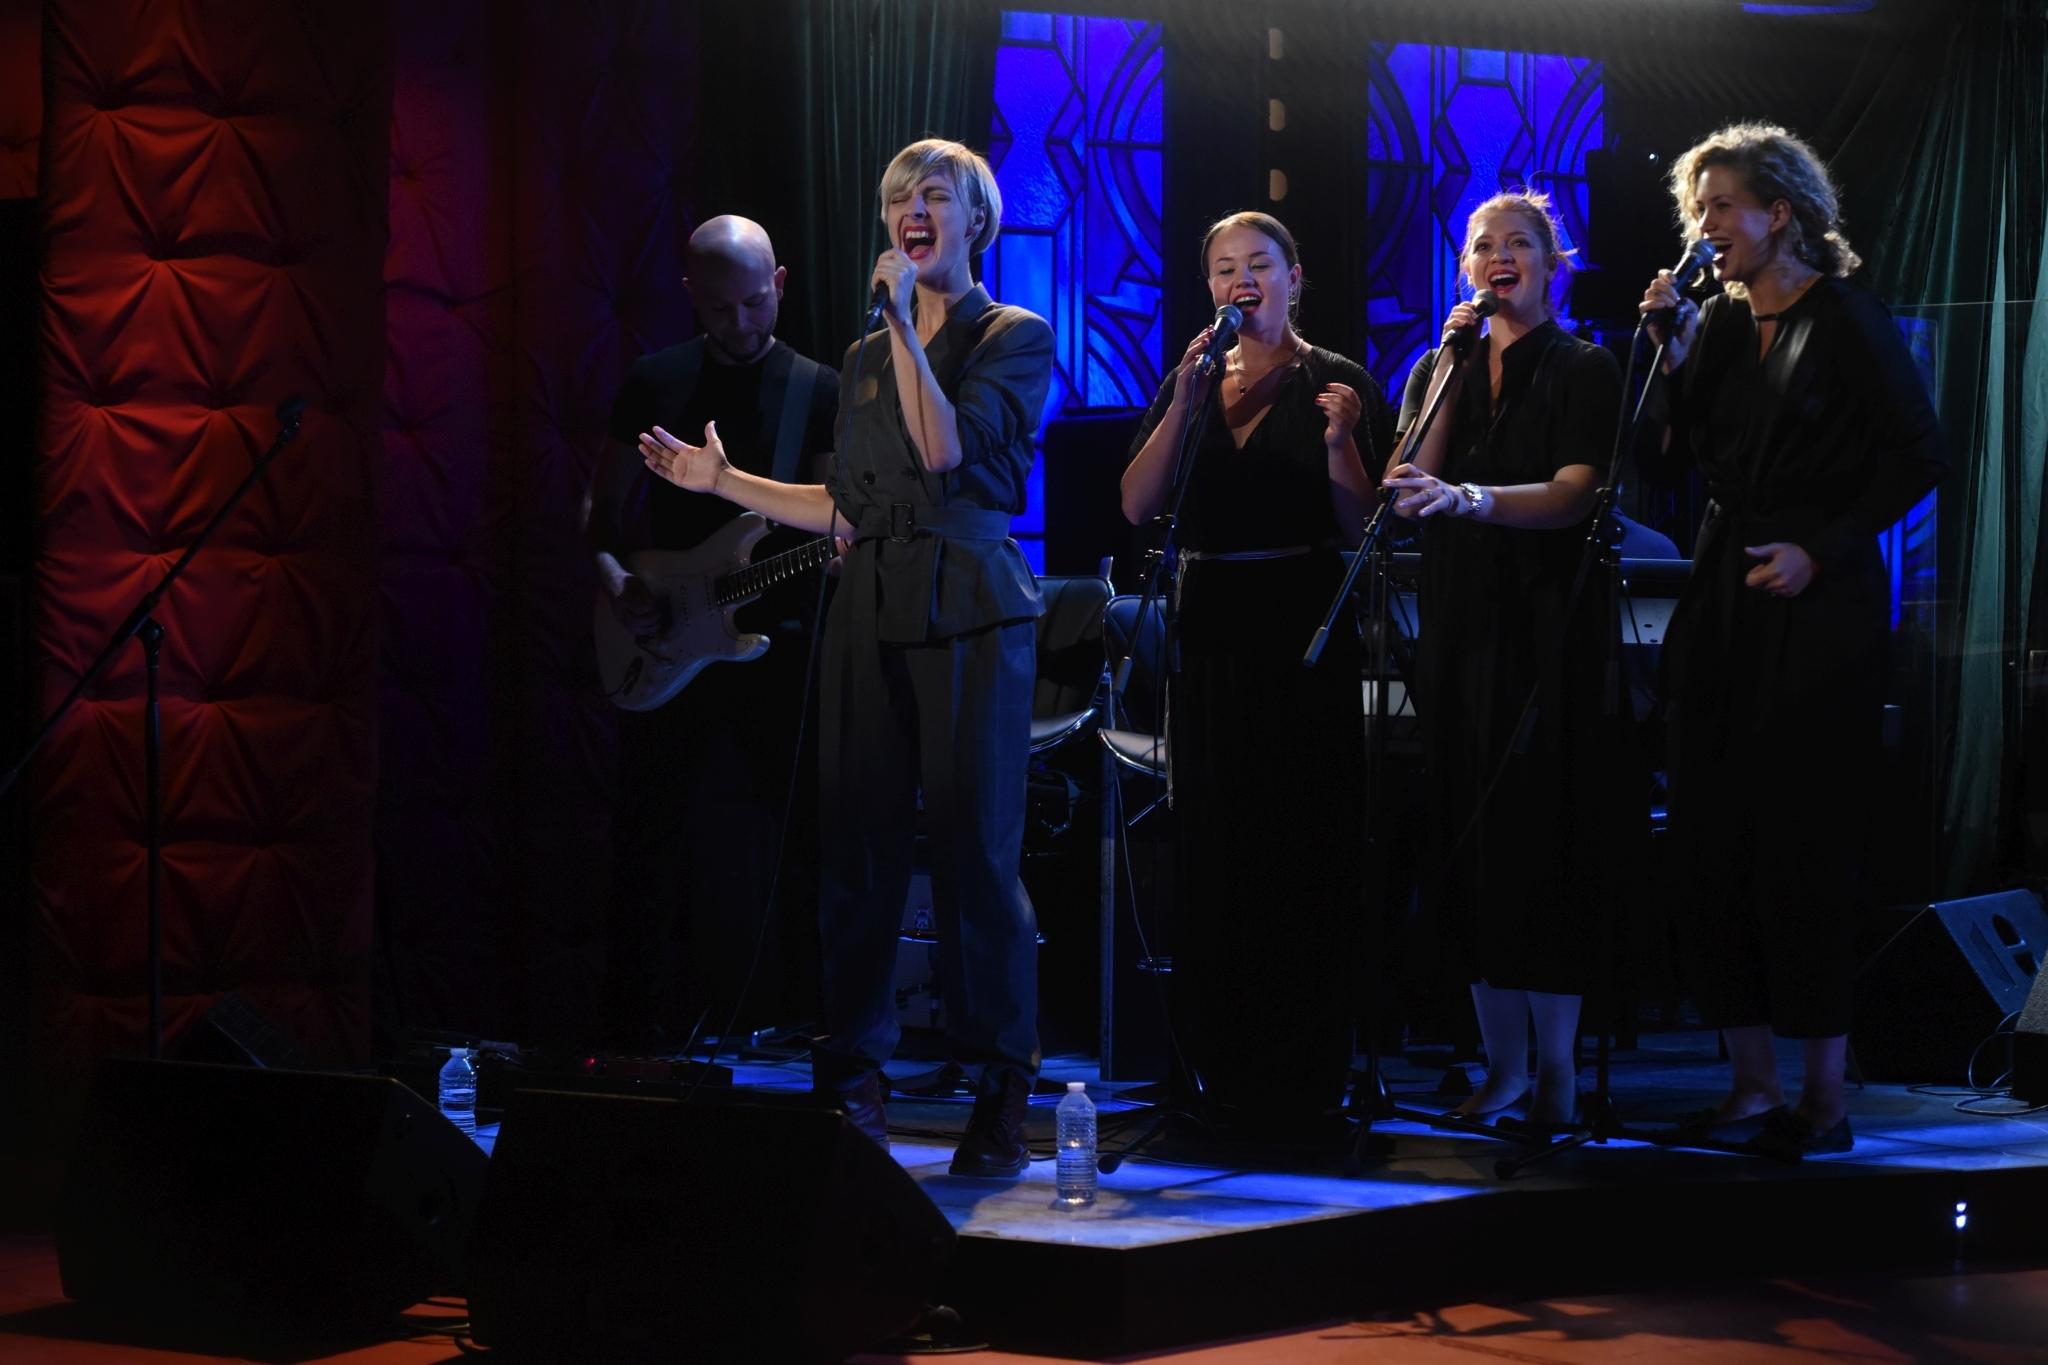 Barbora Poláková zpívá svůj nejnovější hit naživo v SJK 3. 10. 2018, vokalistky (zprava) Kateřina Sedláková, Kateřina Bohatová, Marta Kloučková, s kytarou Ján Tulenko, člen skupiny Davida Krause.